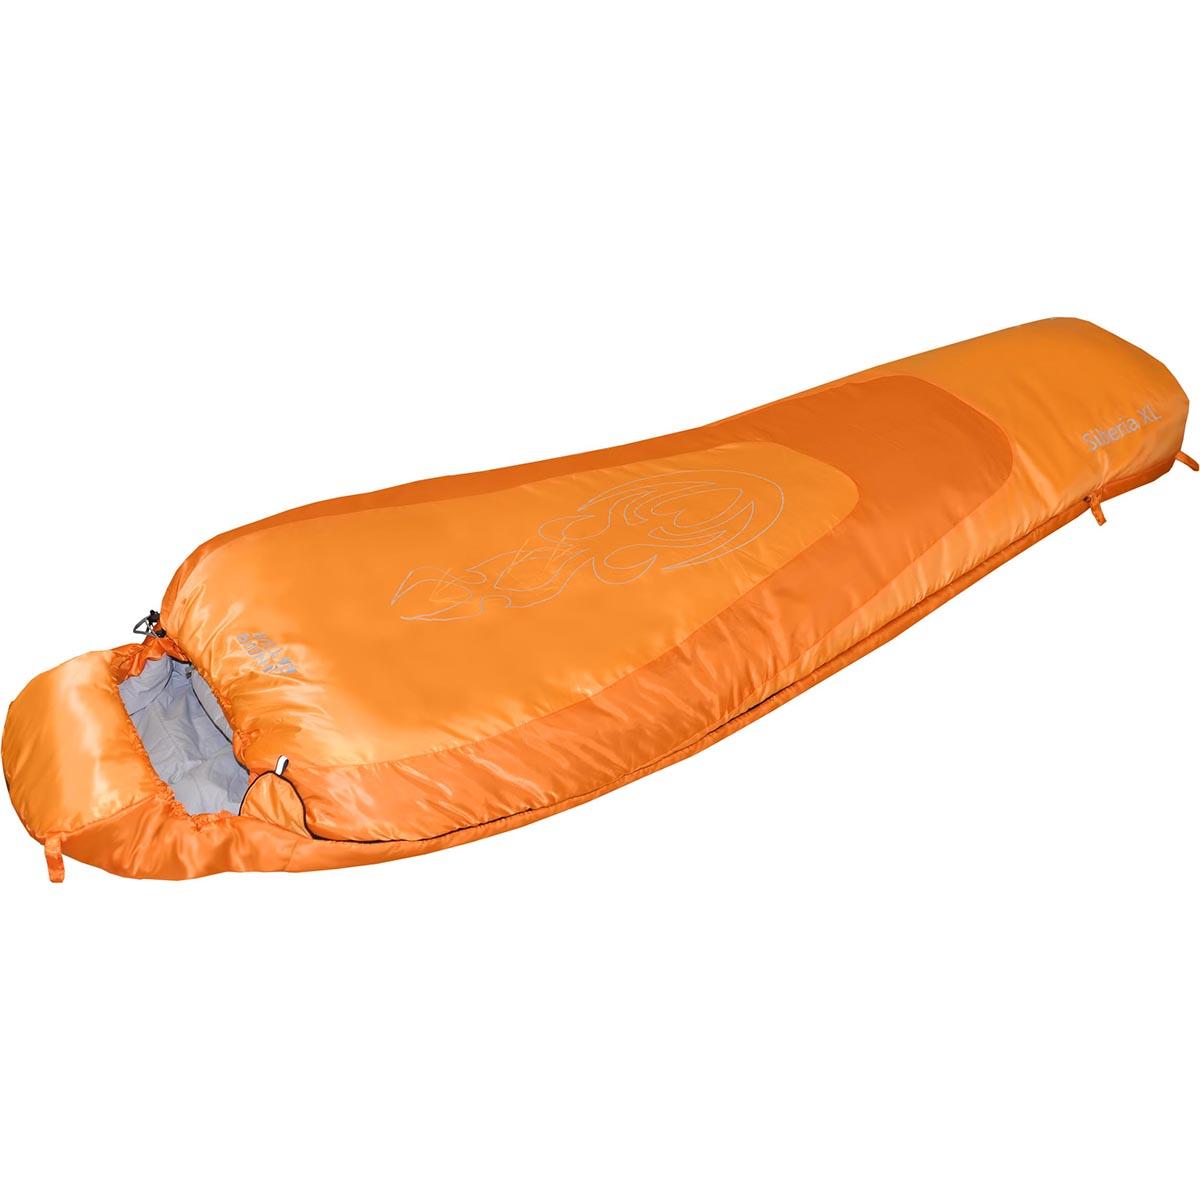 Спальный мешок Nova Tour Сибирь -20 XL V2, цвет: оранжевый, правосторонняя молния95422-233-RightЗимний спальный мешок Nova Tour Сибирь -20 XL V2 имеет конструкцию кокон. Оснащен утепленным утягивающимся капюшоном и удобным шейным воротником. Двухзамковая молния позволяет состегнуть два спальных мешка левого и правого исполнения в один двойной. Особенности:Шейный утепляющий воротник.Планка утепляющая молнию.Разъемная двухзамковая молния.Состегивающаяся молния.Компрессионный мешок в комплекте.Длина: 230 см.